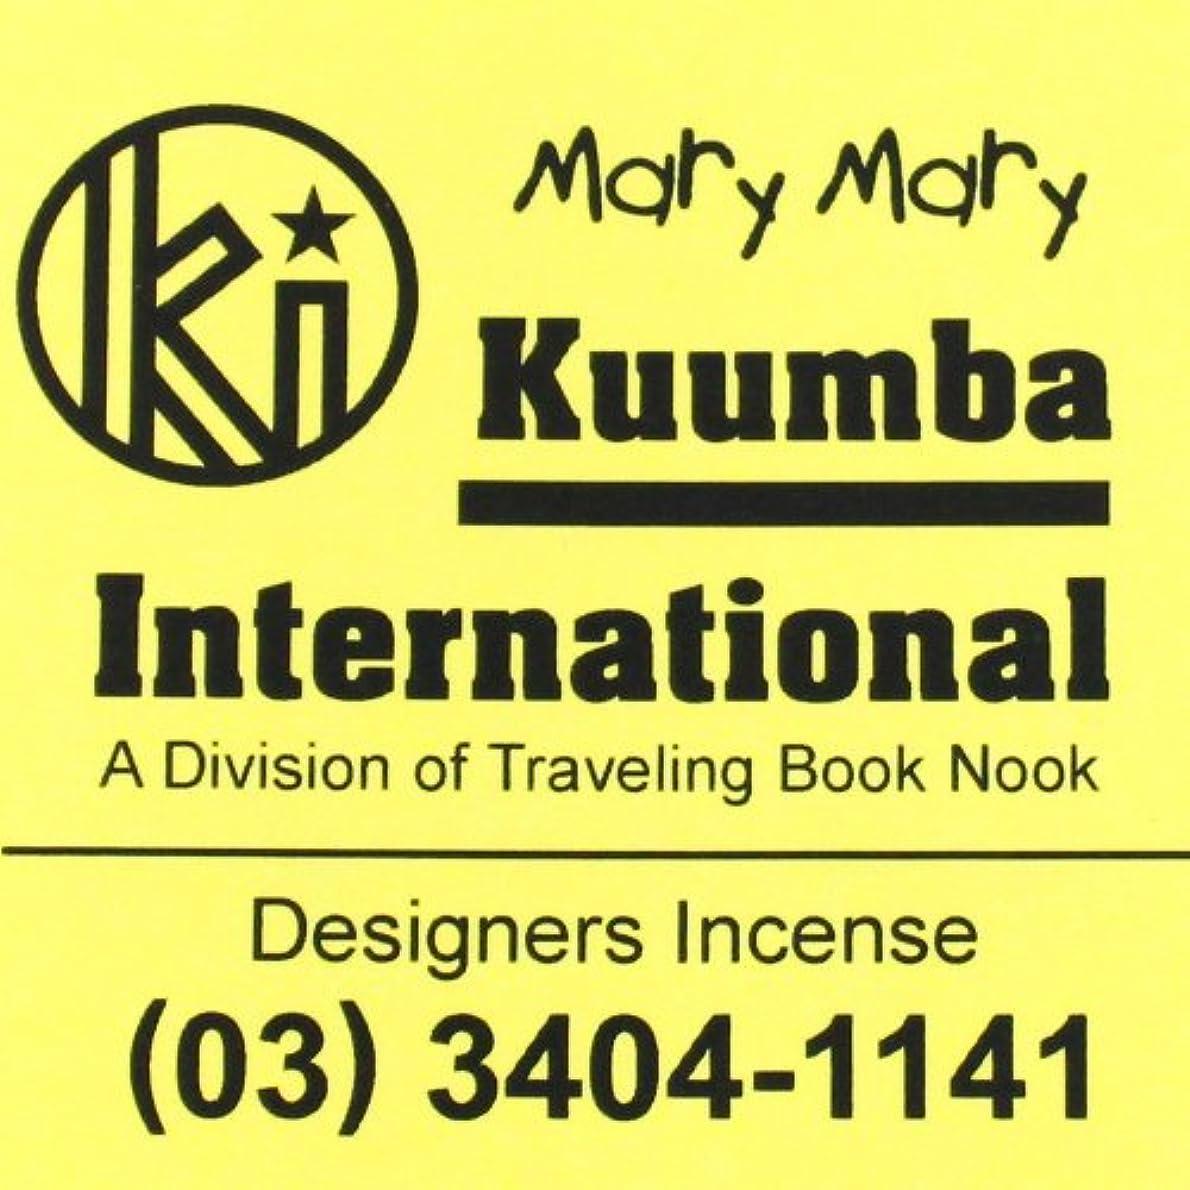 累計アルコールインタフェース(クンバ) KUUMBA『incense』(Mary Mary) (Regular size)